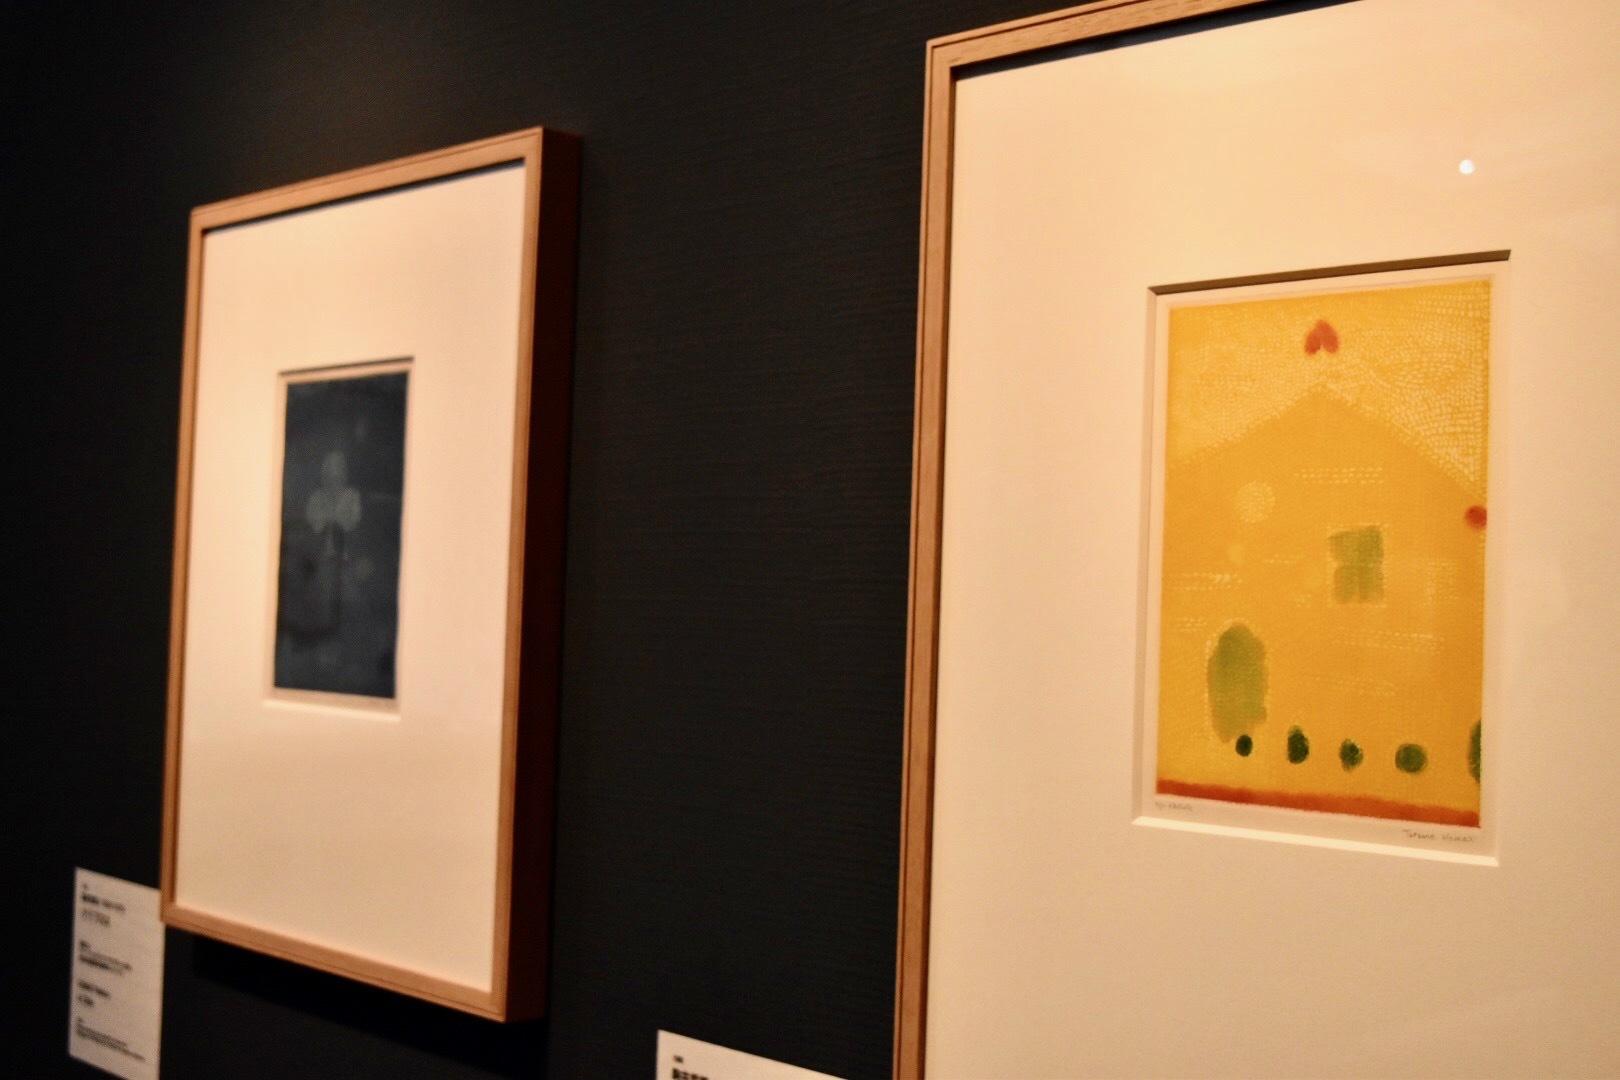 《黄色い家》 駒井哲郎 昭和35年 世田谷美術館(福原義春コレクション)